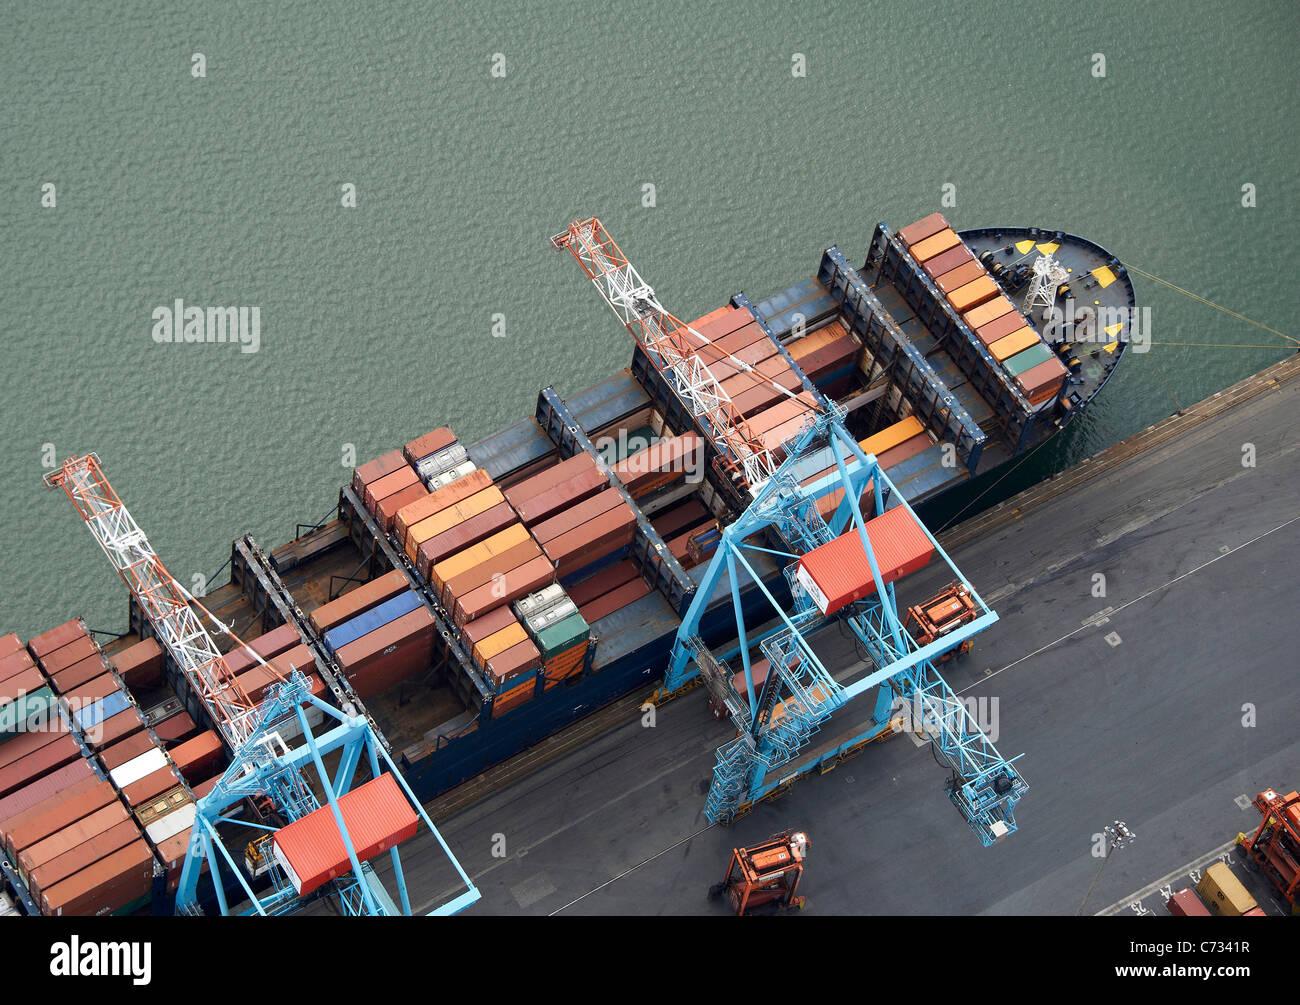 Barco de contenedores de carga en los muelles de liverpool liverpool noroeste de inglaterra - Contenedores de barco ...